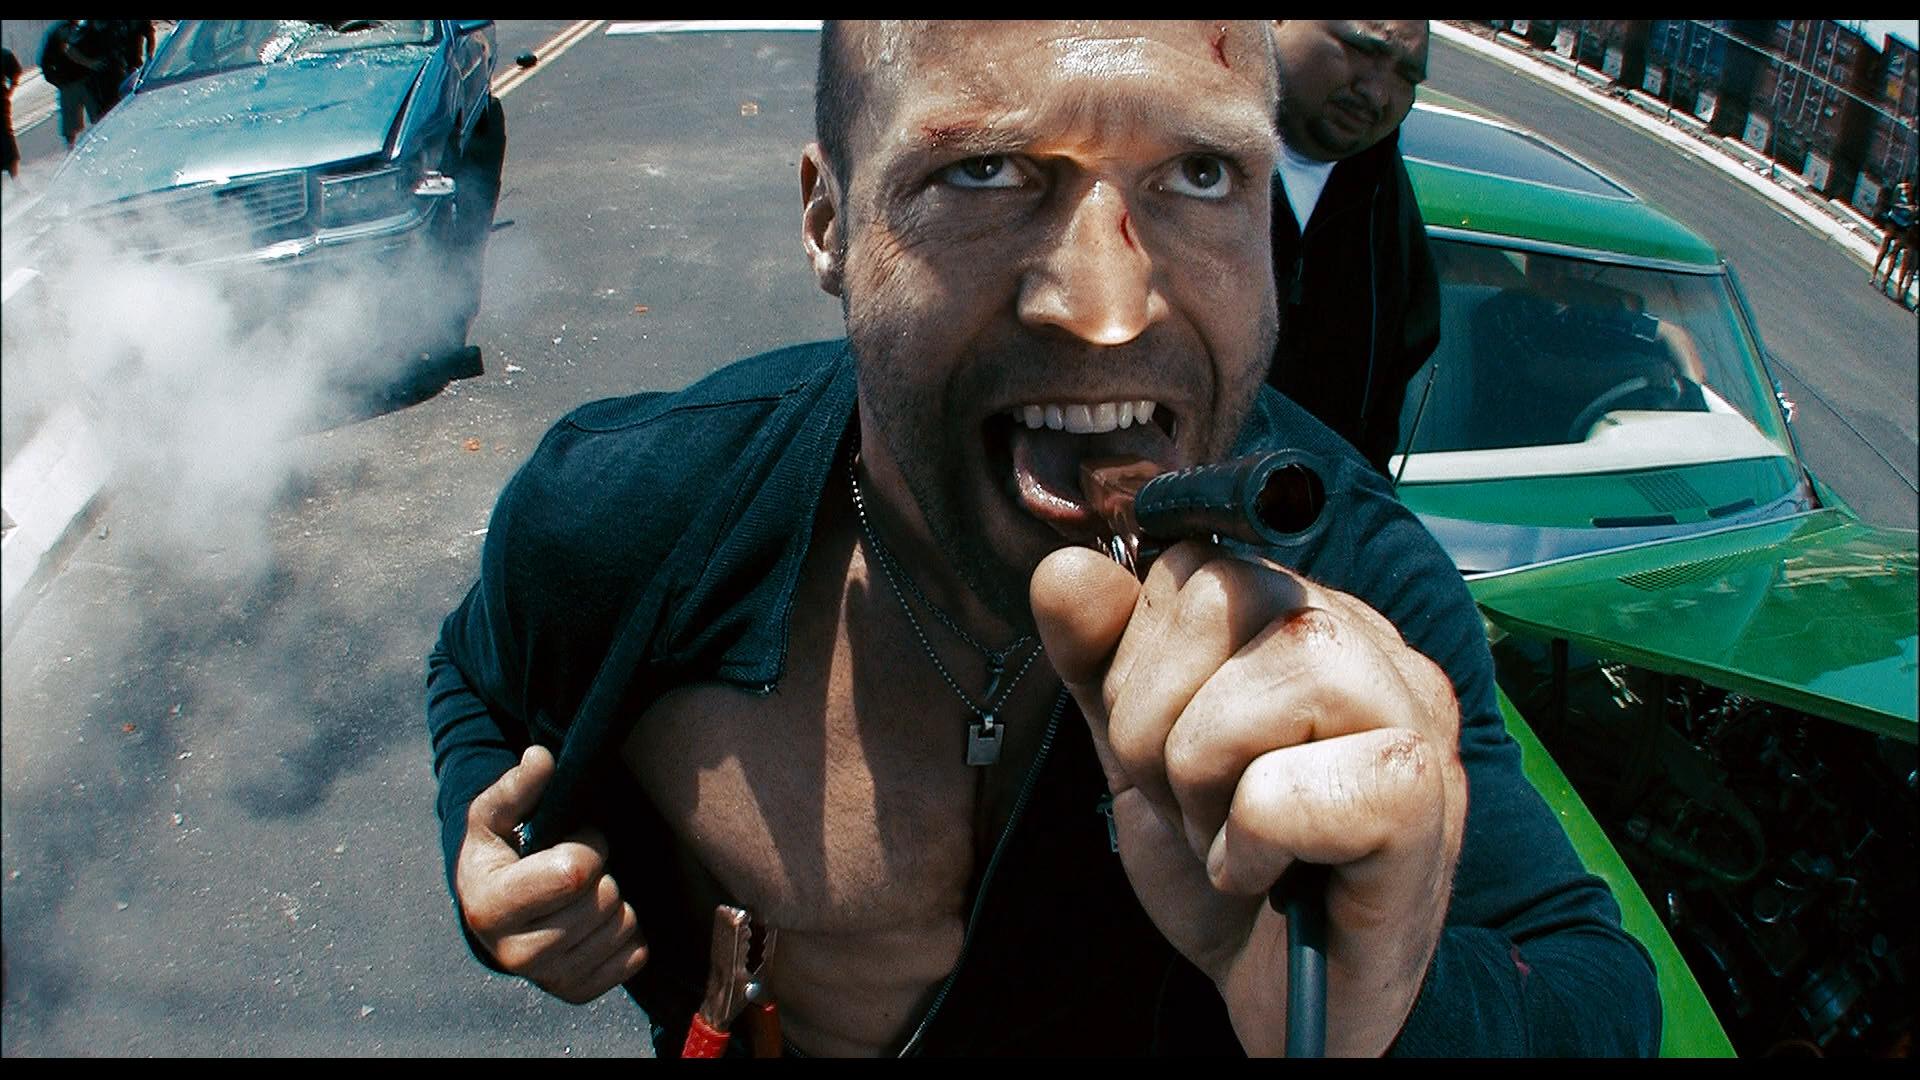 Gã Chev điên do Jason Statham thủ vai. (Ảnh: Internet)